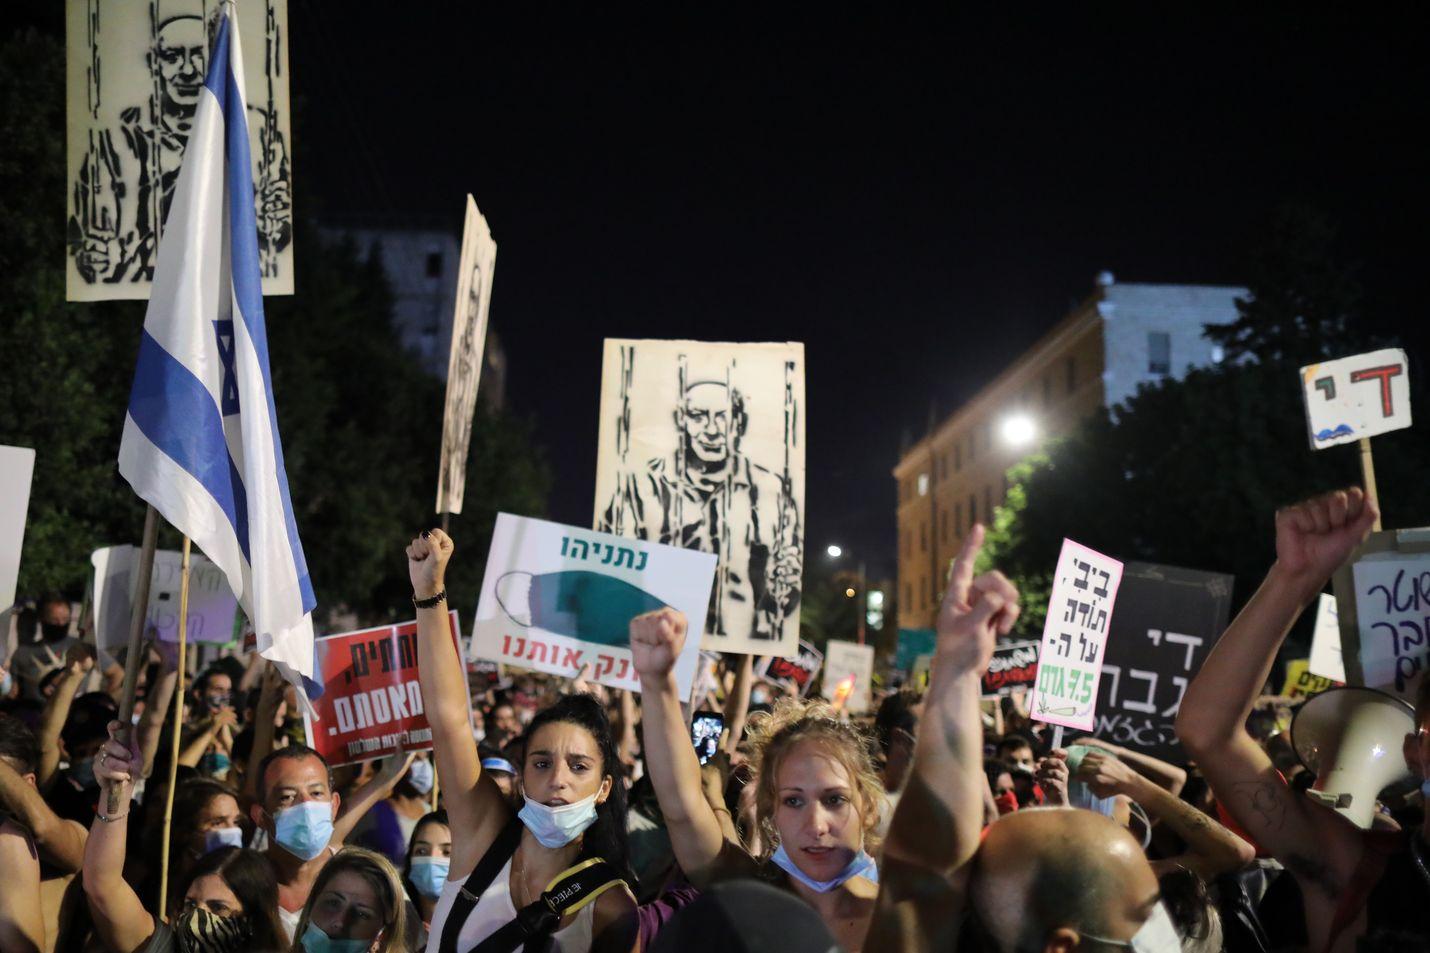 Mielenosoittajat protestoivat Israelin pääministerin Benjamin Netanjahun kodin ulkopuolella viime viikolla Jerusalemissa. He vaativat pääministerin eroa.